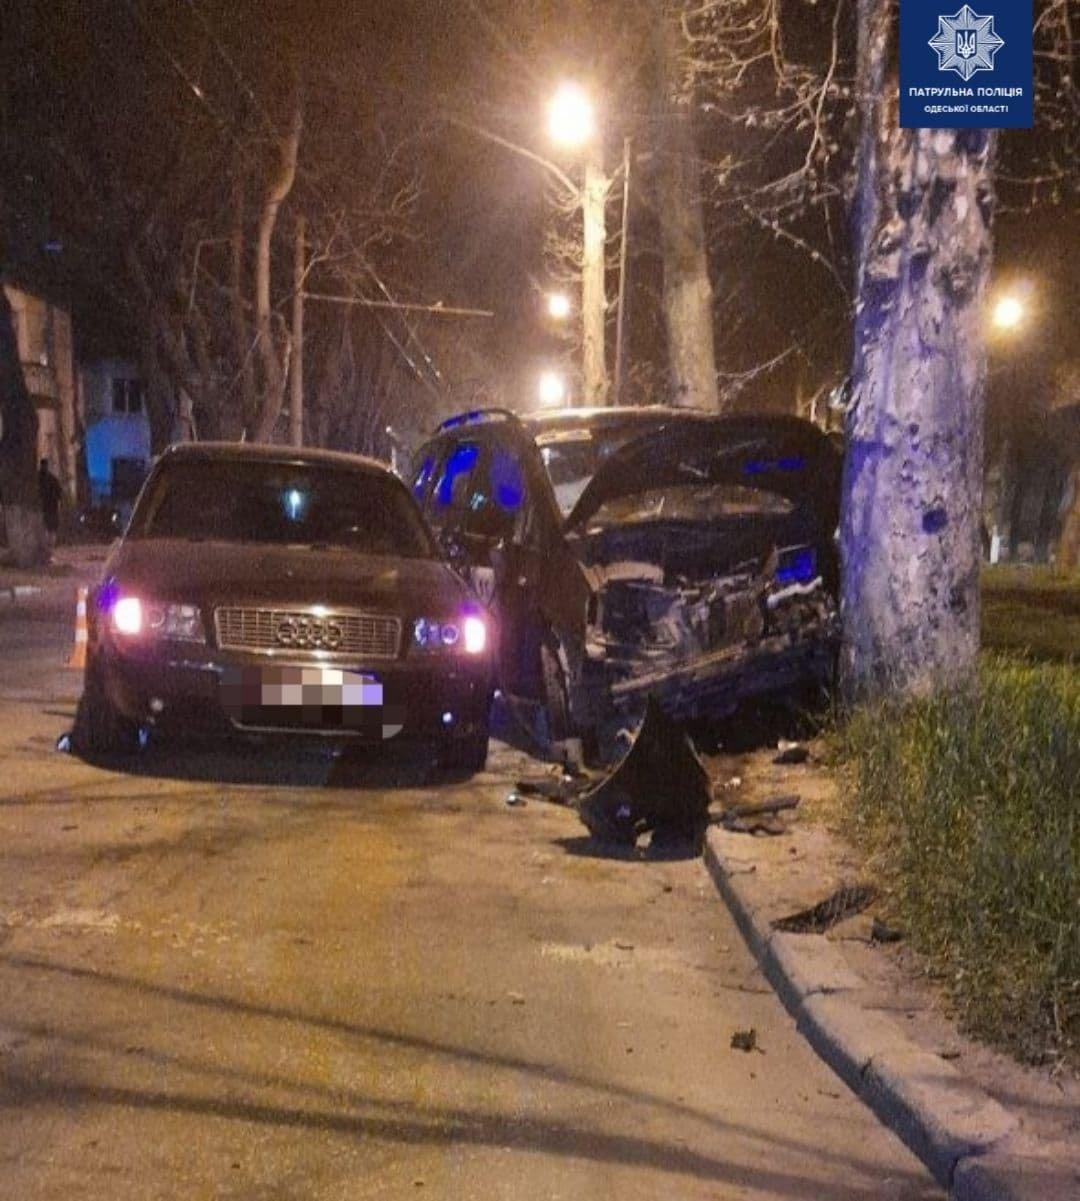 Врезался в Audi, а потом в дерево: в Одессе по вине пьяного водителя произошло ДТП, - ФОТО, фото-1